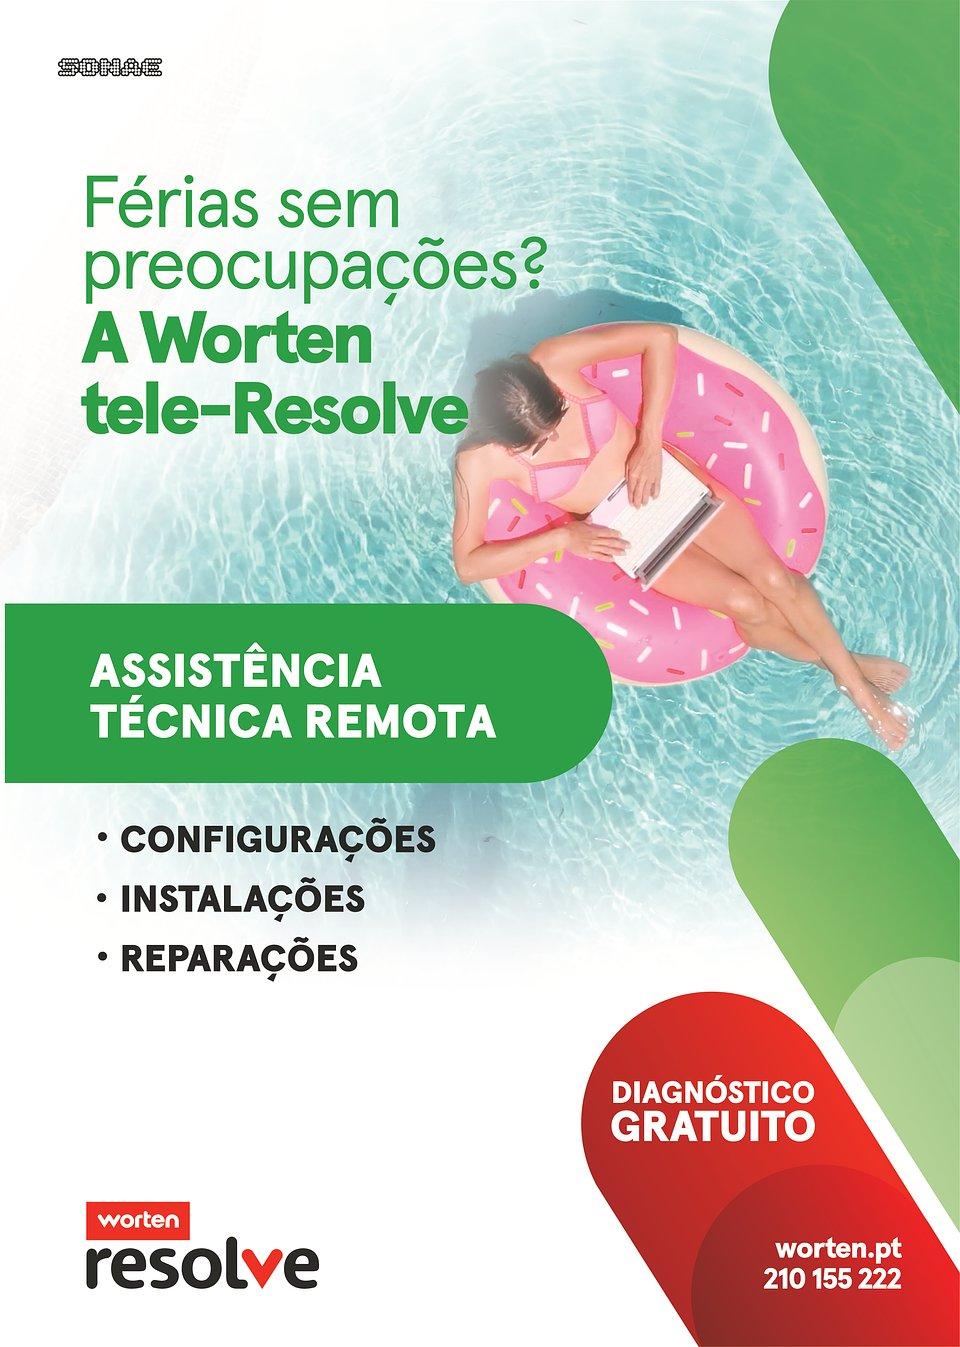 TeleResolve_Ferias.jpg